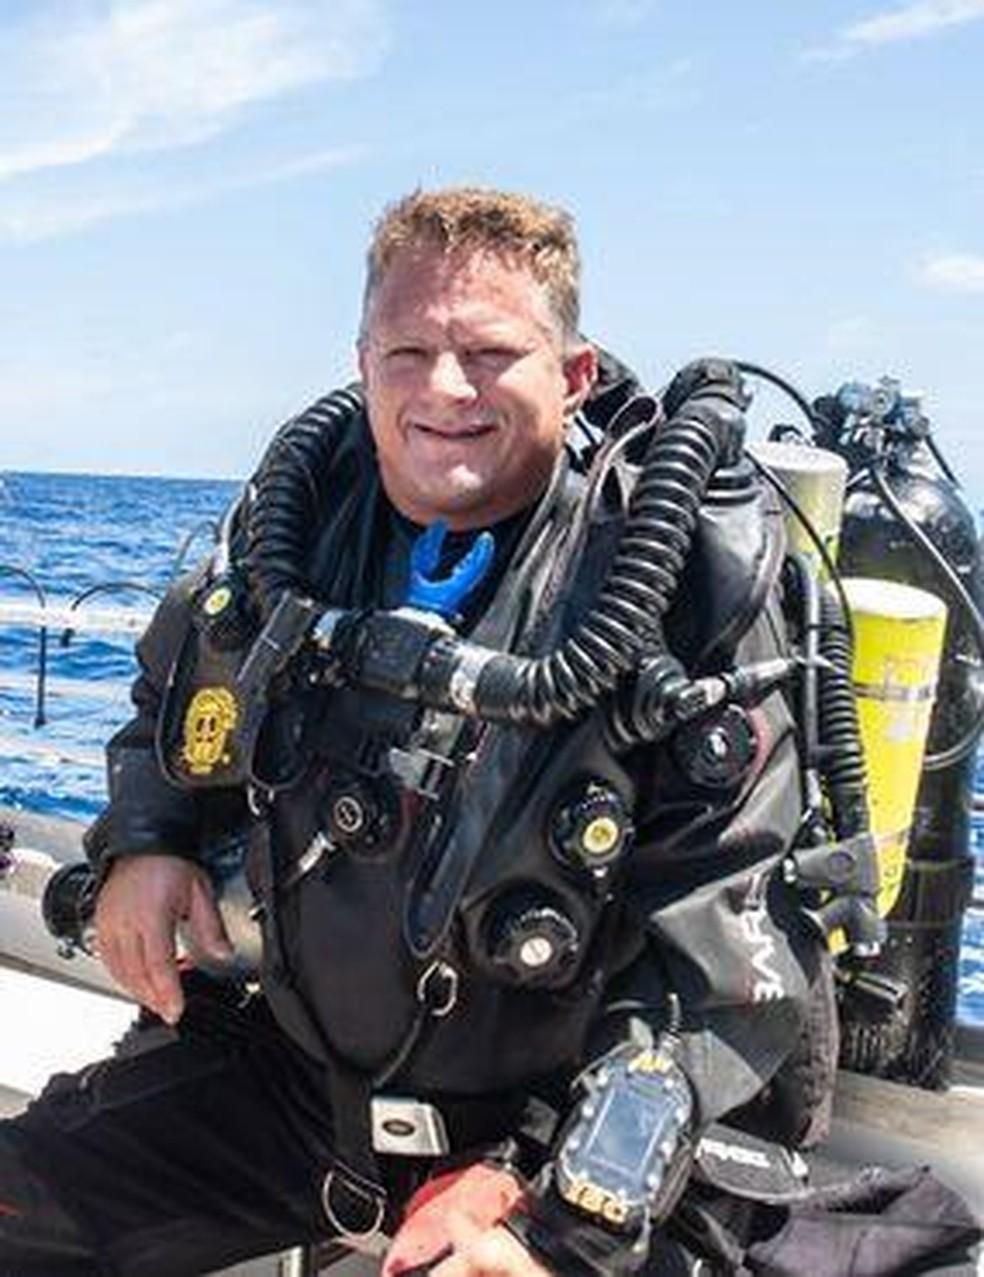 Marty Watson, da Watson Tech Training, foi um dos mergulhadores altamente especializados a entrar no Green Banana — Foto: Marty Watson